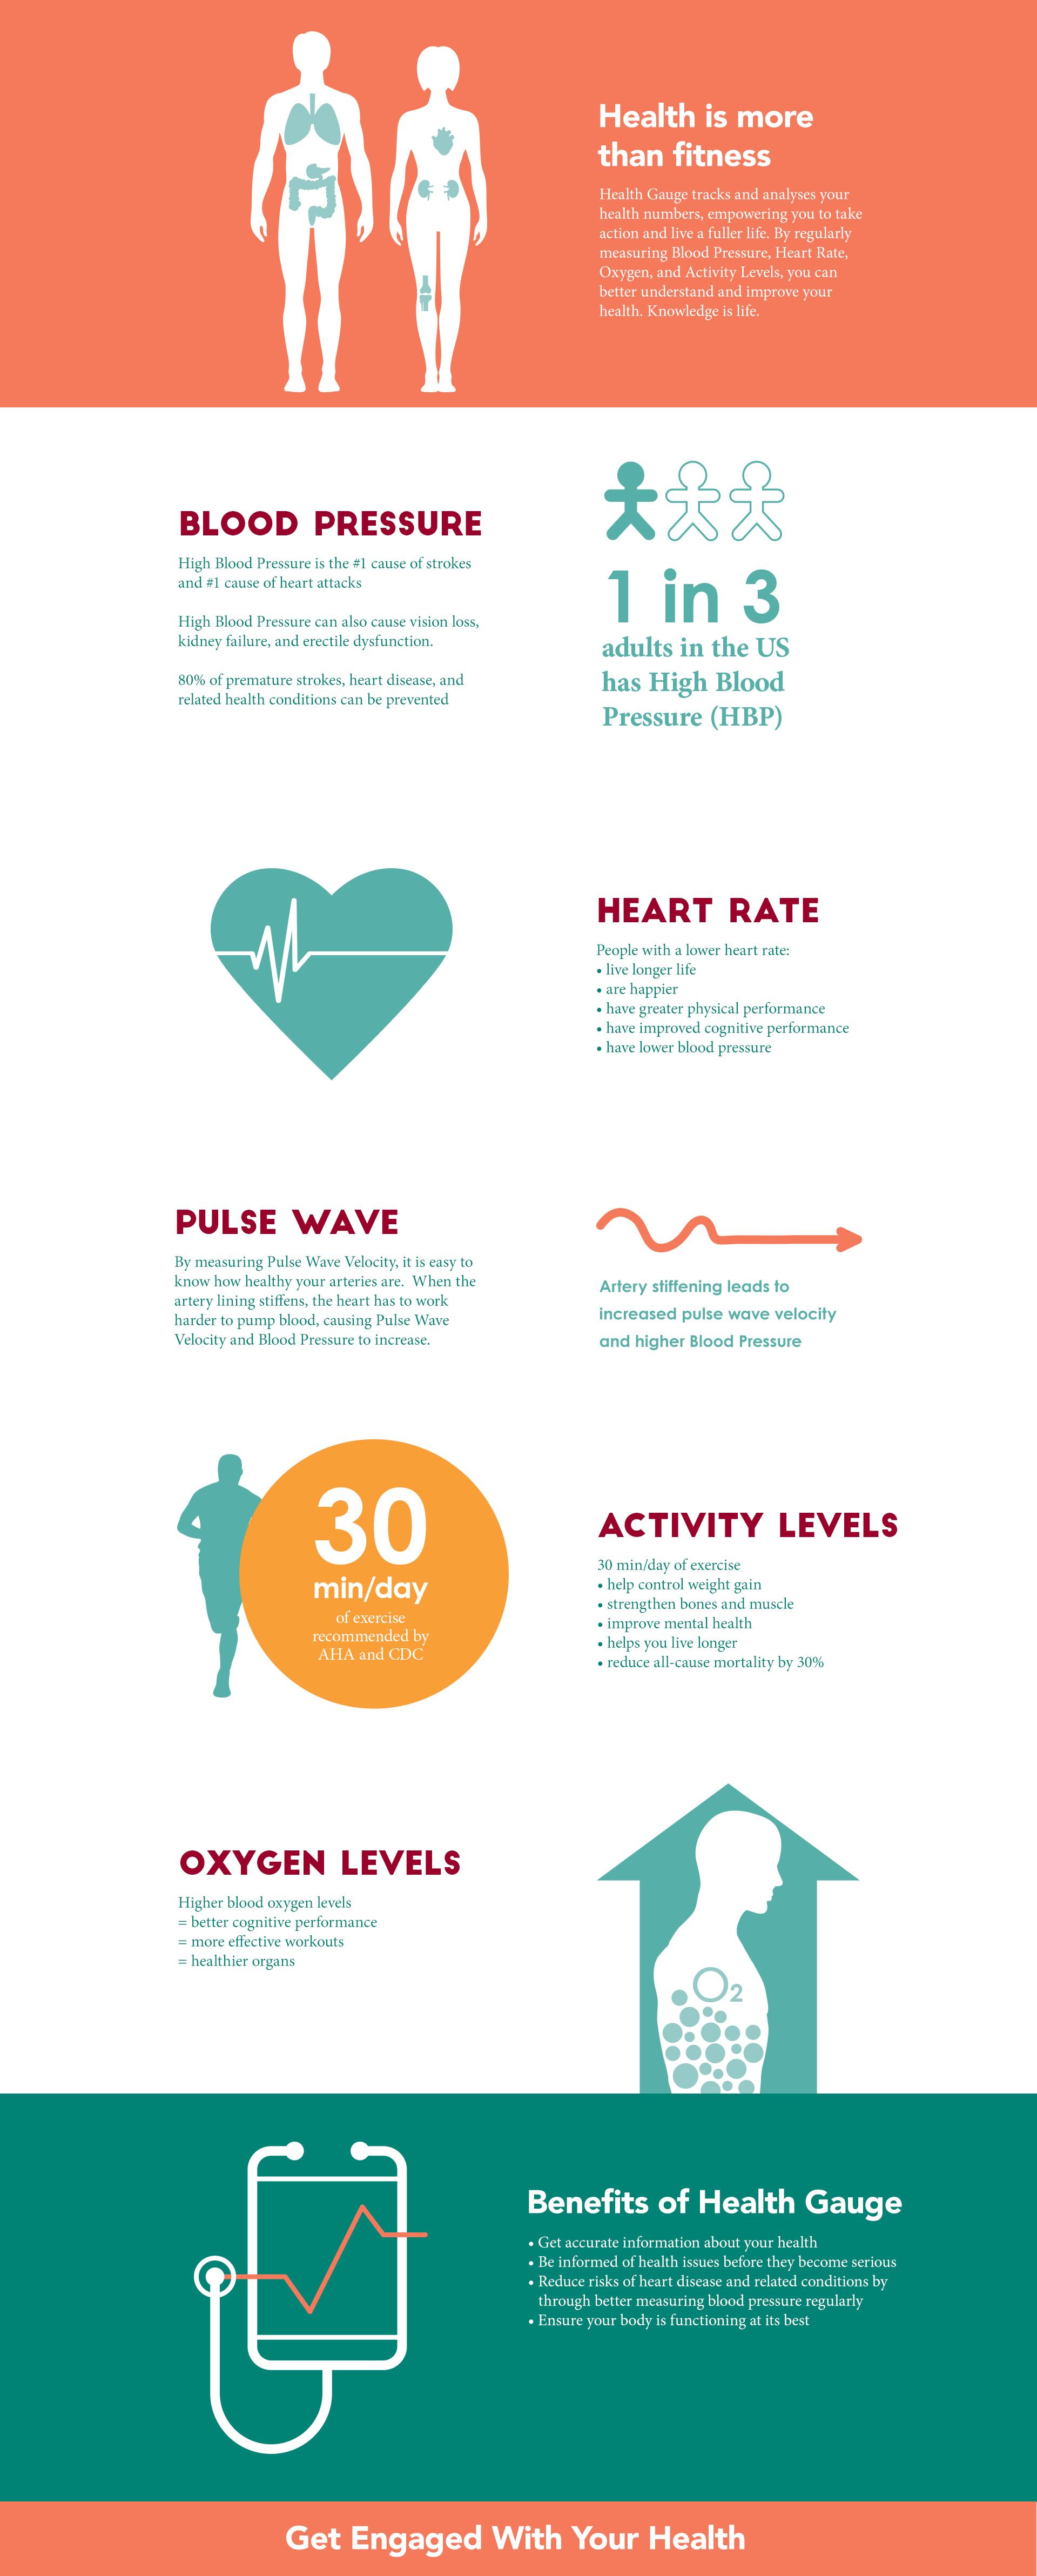 Health Gauge website